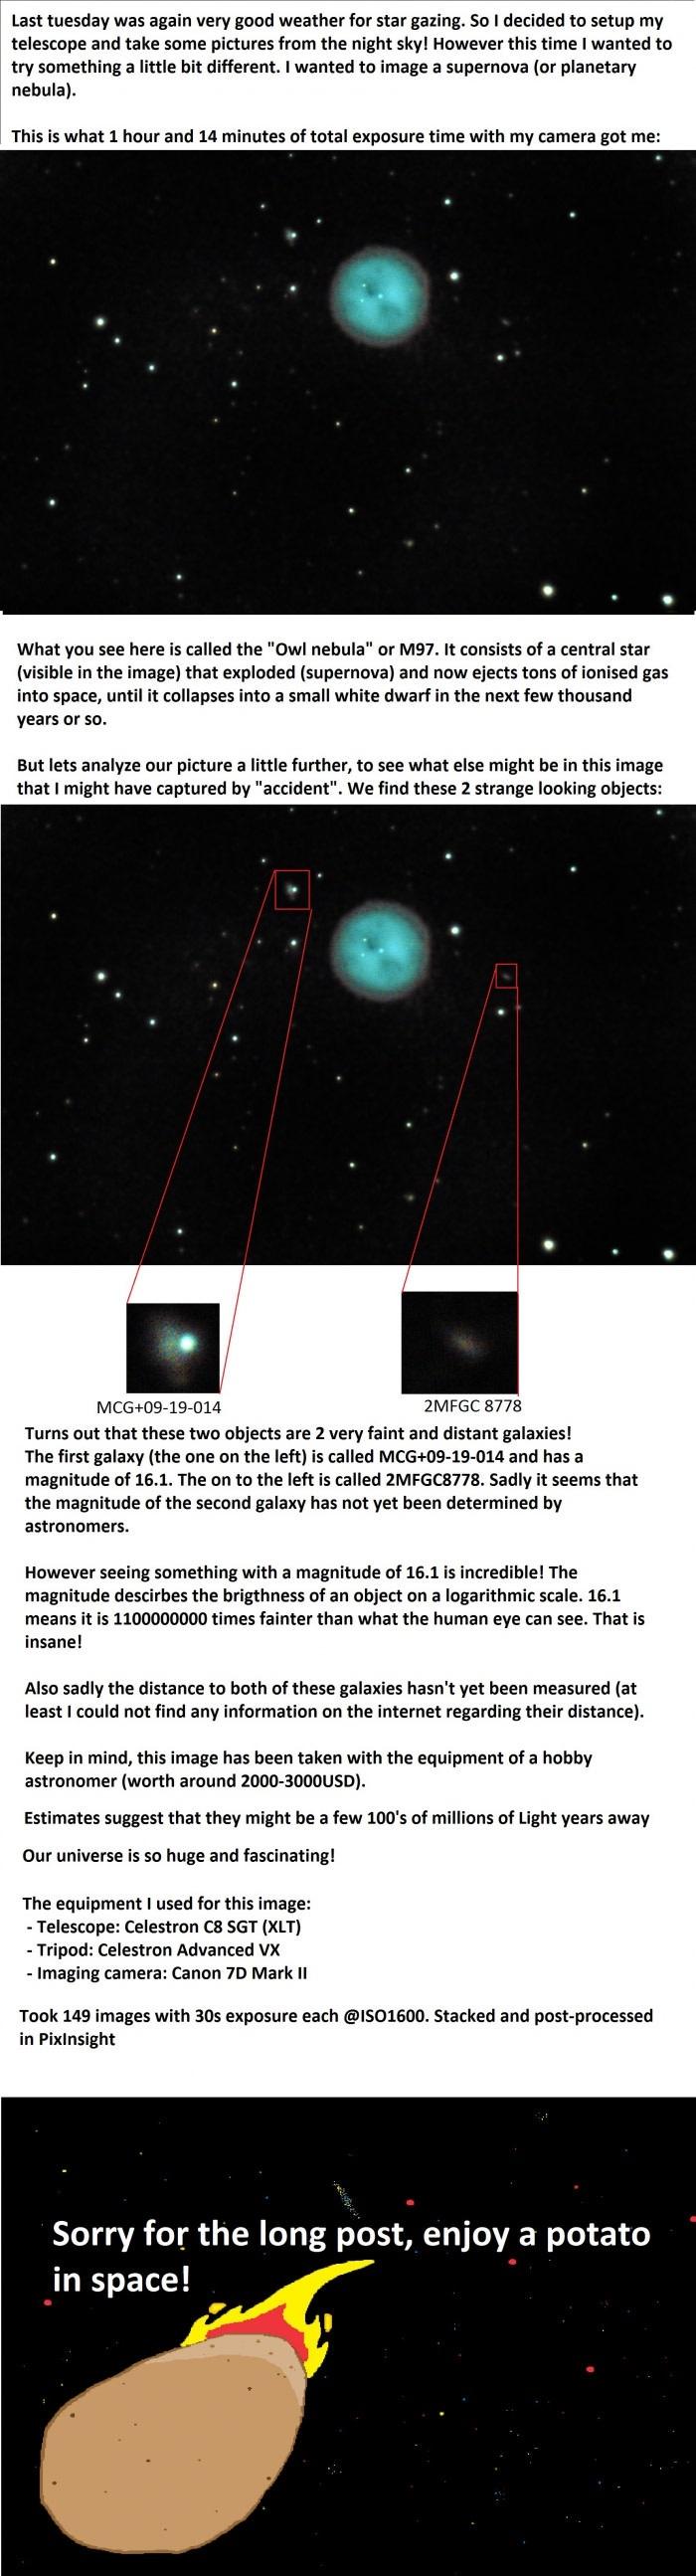 Capturing a supernova